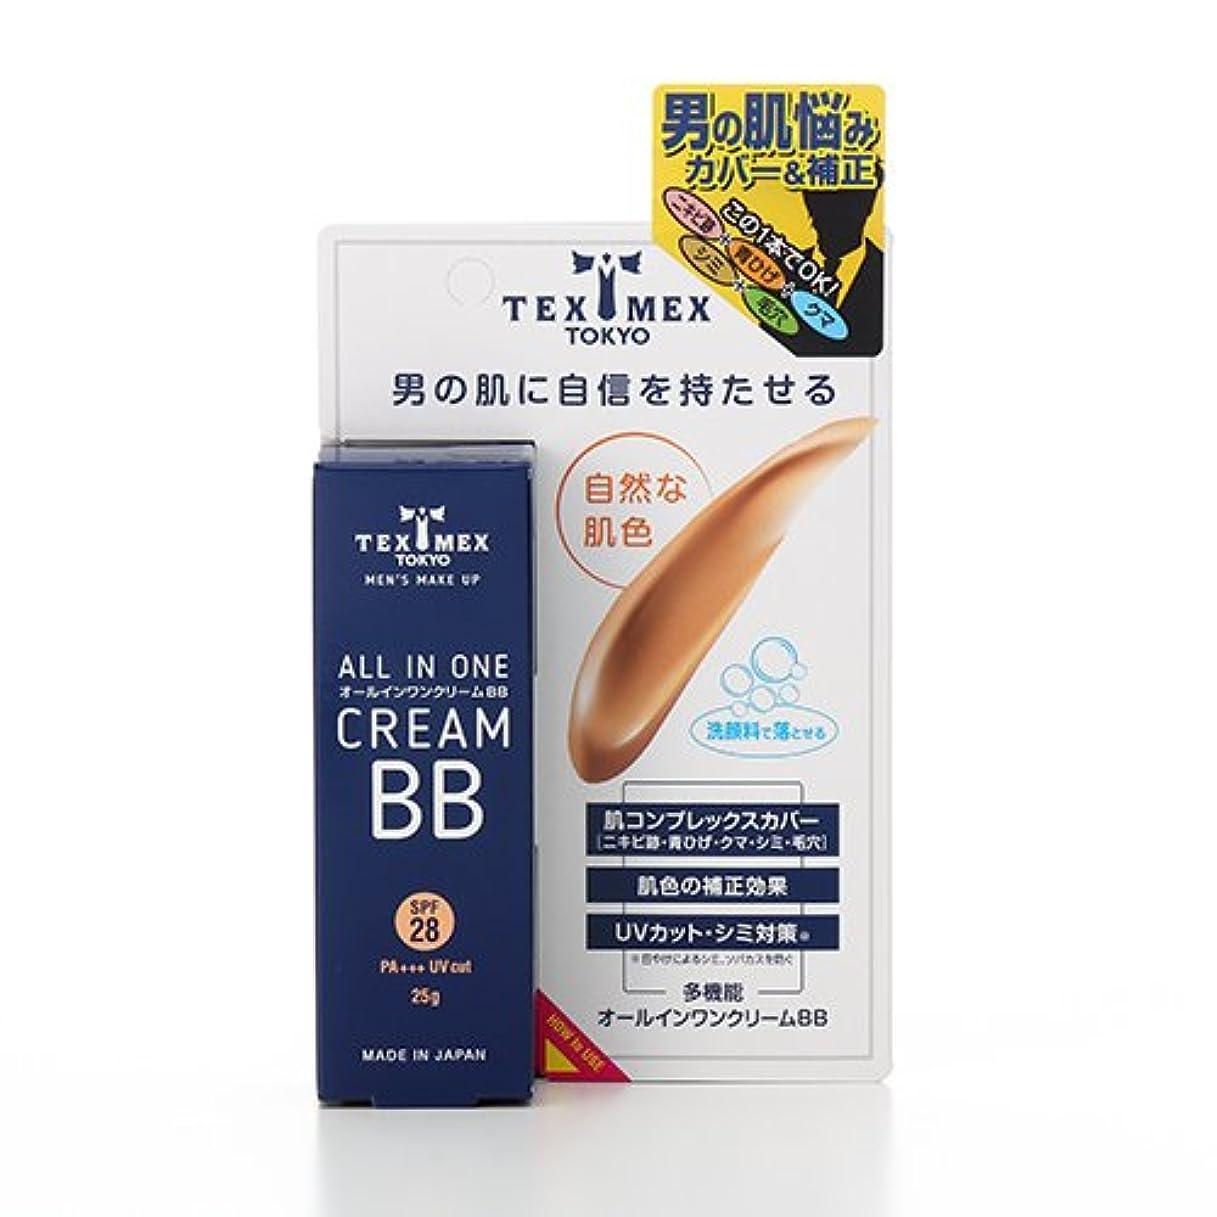 リズムテラスモステックスメックス オールインワンクリームBB 25g (ファンデーション) 【日焼け止め、ニキビ跡、青ひげカバー】